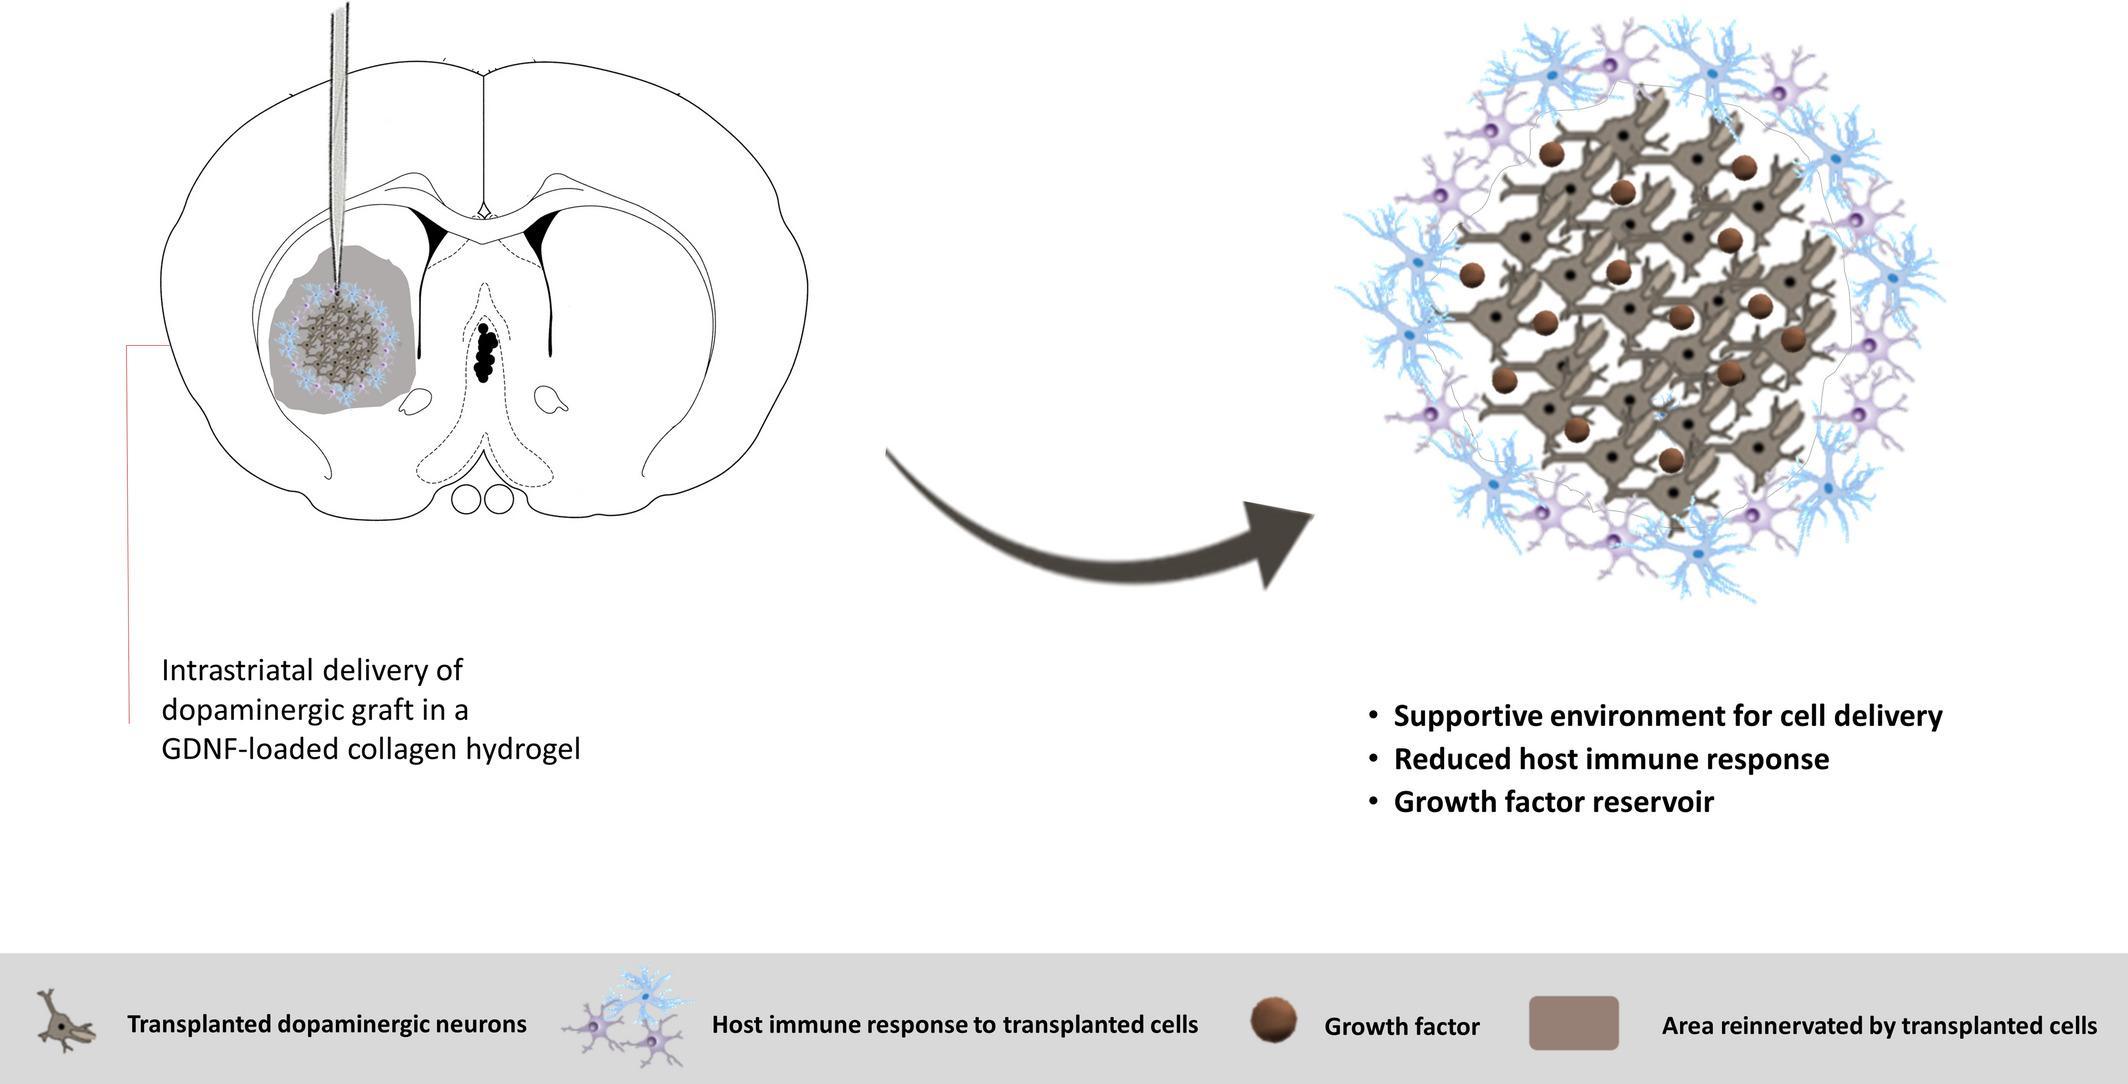 Болезнь Паркинсона можно вылечить, заявляют создатели необычного геля